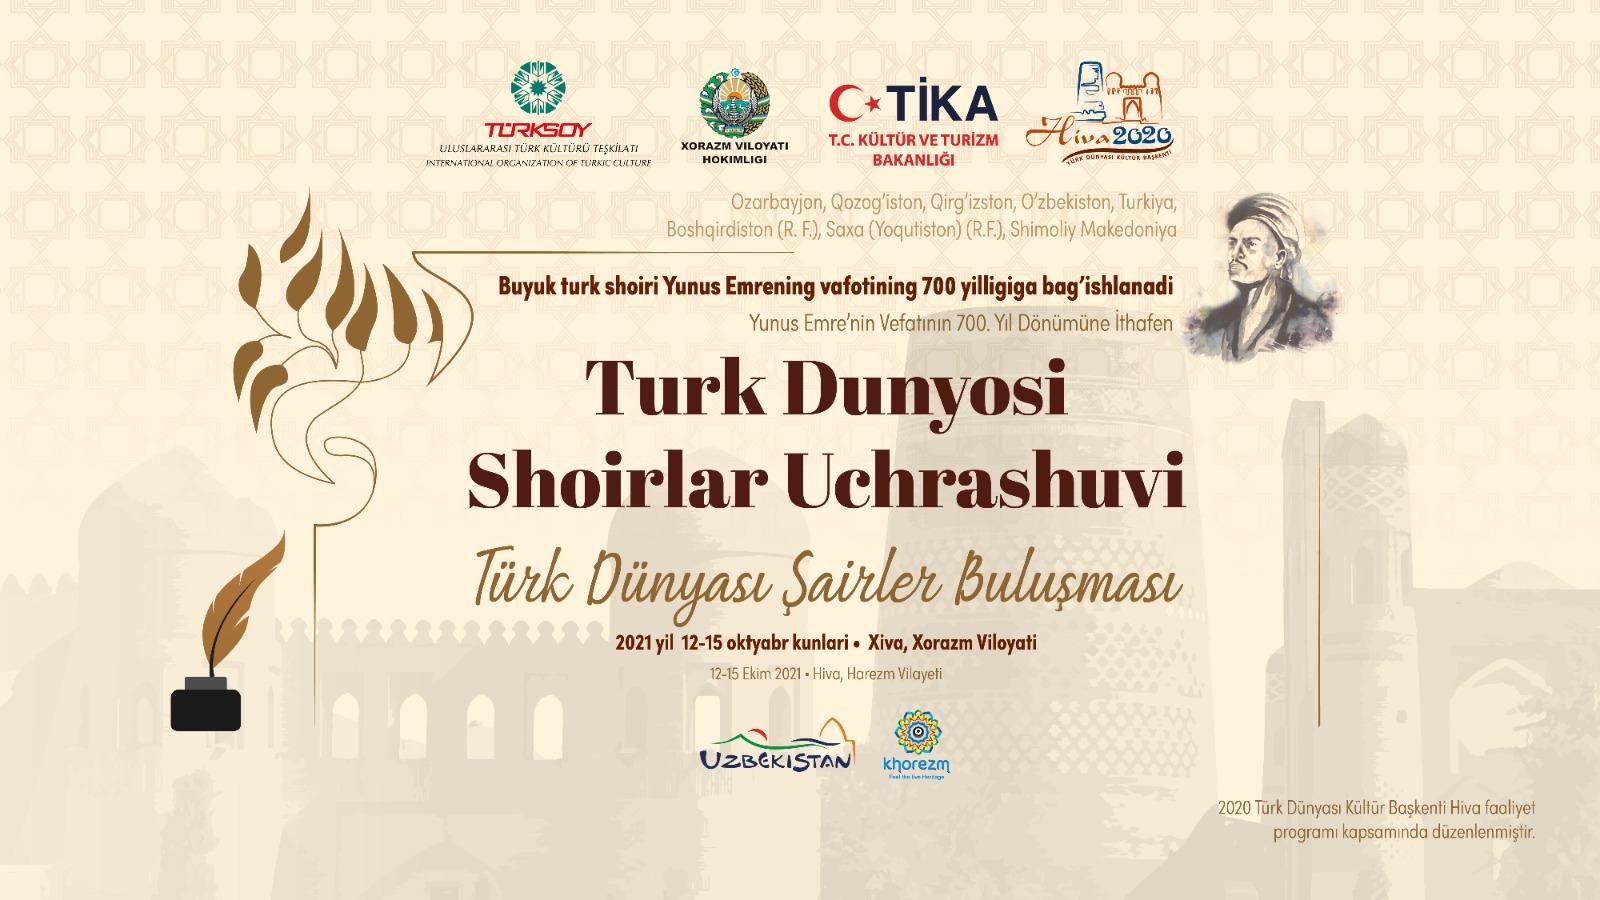 Türk dünyası şairləri Xivəyə toplaşır